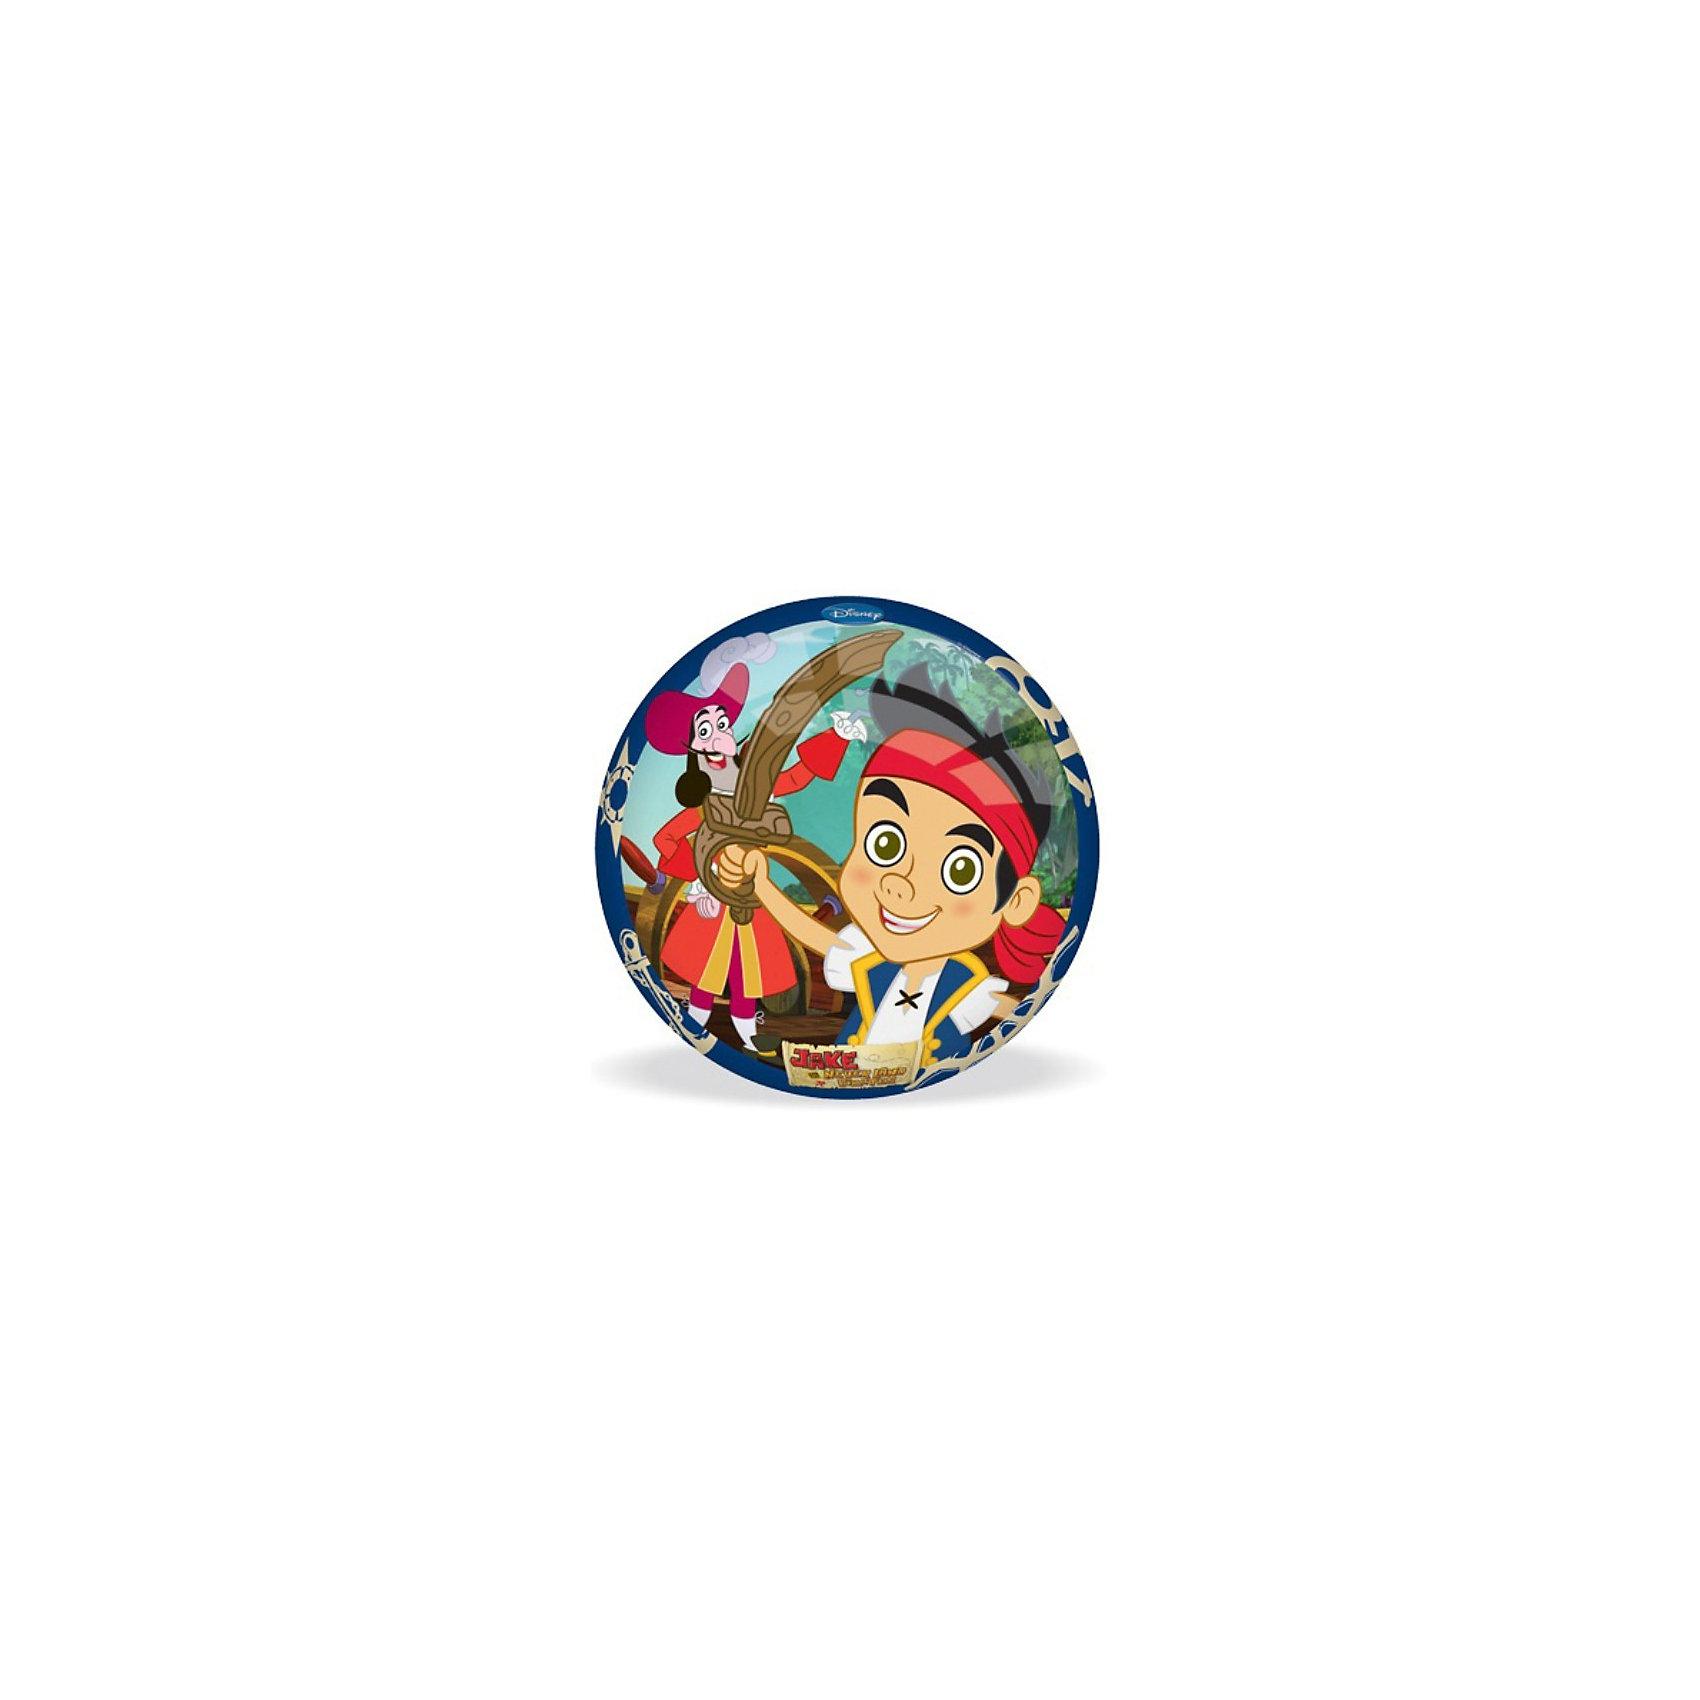 Мяч, 14 см, Джейк и Пираты НетландииИгра в мяч - одна из самых популярных у всех детей. Она прекрасно развивает координацию движения, моторику рук и ног. <br>Мяч «Джейк и Пираты Нетландии» от итальянской компании «Mondo» выполнен из резины высокого качества. <br>Мячик украшен  яркой картинкой из популярного мультфильма «Джейк и Пираты Нетландии».<br><br>Дополнительная информация:<br><br>- Диаметр мяча: 14 см<br><br>ВНИМАНИЕ: Данный артикул представлен в разных цветовых исполнениях. Заранее выбрать определенный цвет нельзя. При заказе нескольких мячей возможно получение одинаковых.<br><br>Мяч, 14 см, Джейк и Пираты Нетландии можно купить в нашем магазине.<br><br>Ширина мм: 150<br>Глубина мм: 150<br>Высота мм: 150<br>Вес г: 90<br>Возраст от месяцев: 36<br>Возраст до месяцев: 1188<br>Пол: Унисекс<br>Возраст: Детский<br>SKU: 3520776